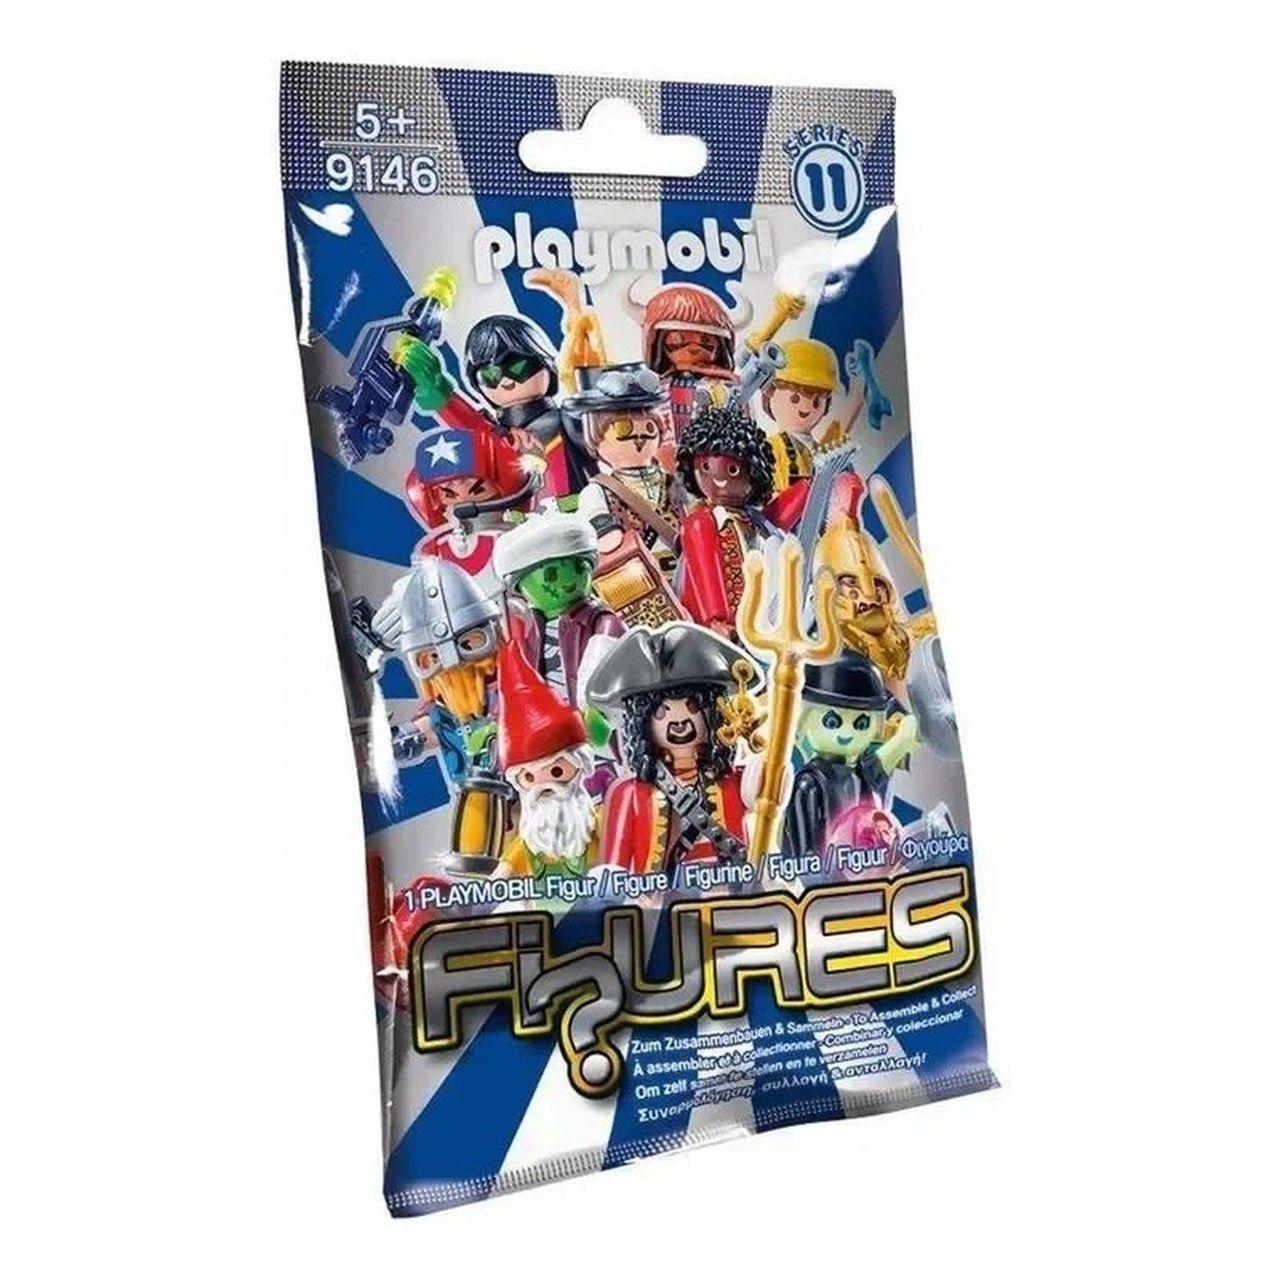 Playmobil: Figura Surpresa (Menino) Series 11 - Sunny